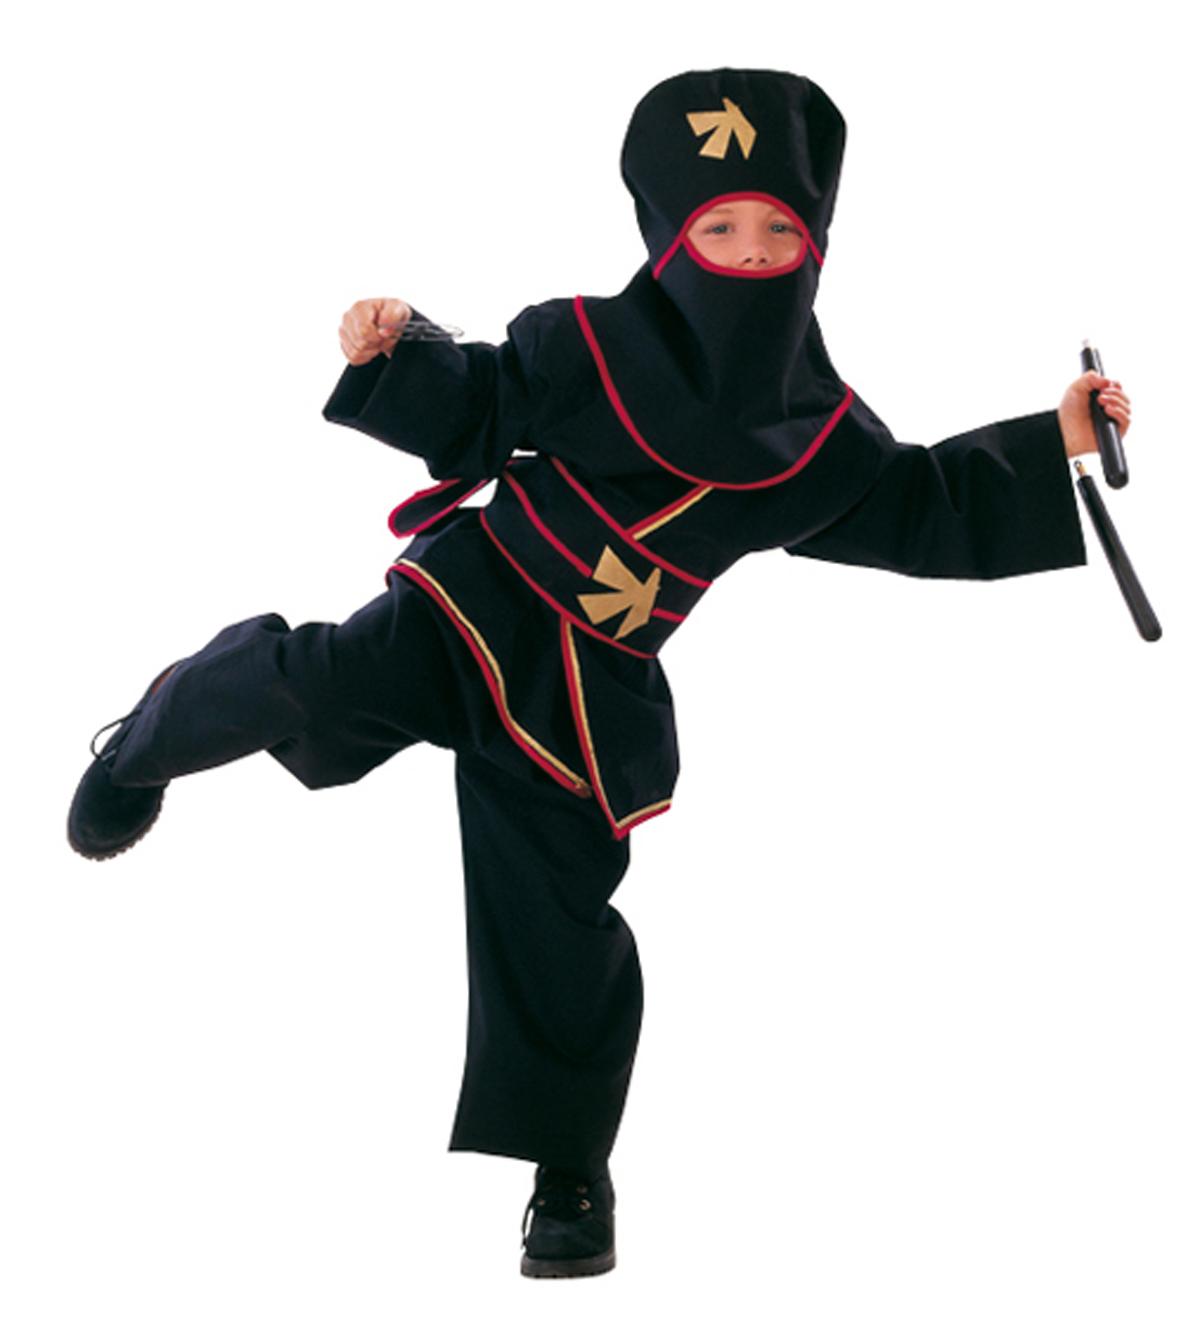 ninja kost m gold star f r kinder bei. Black Bedroom Furniture Sets. Home Design Ideas